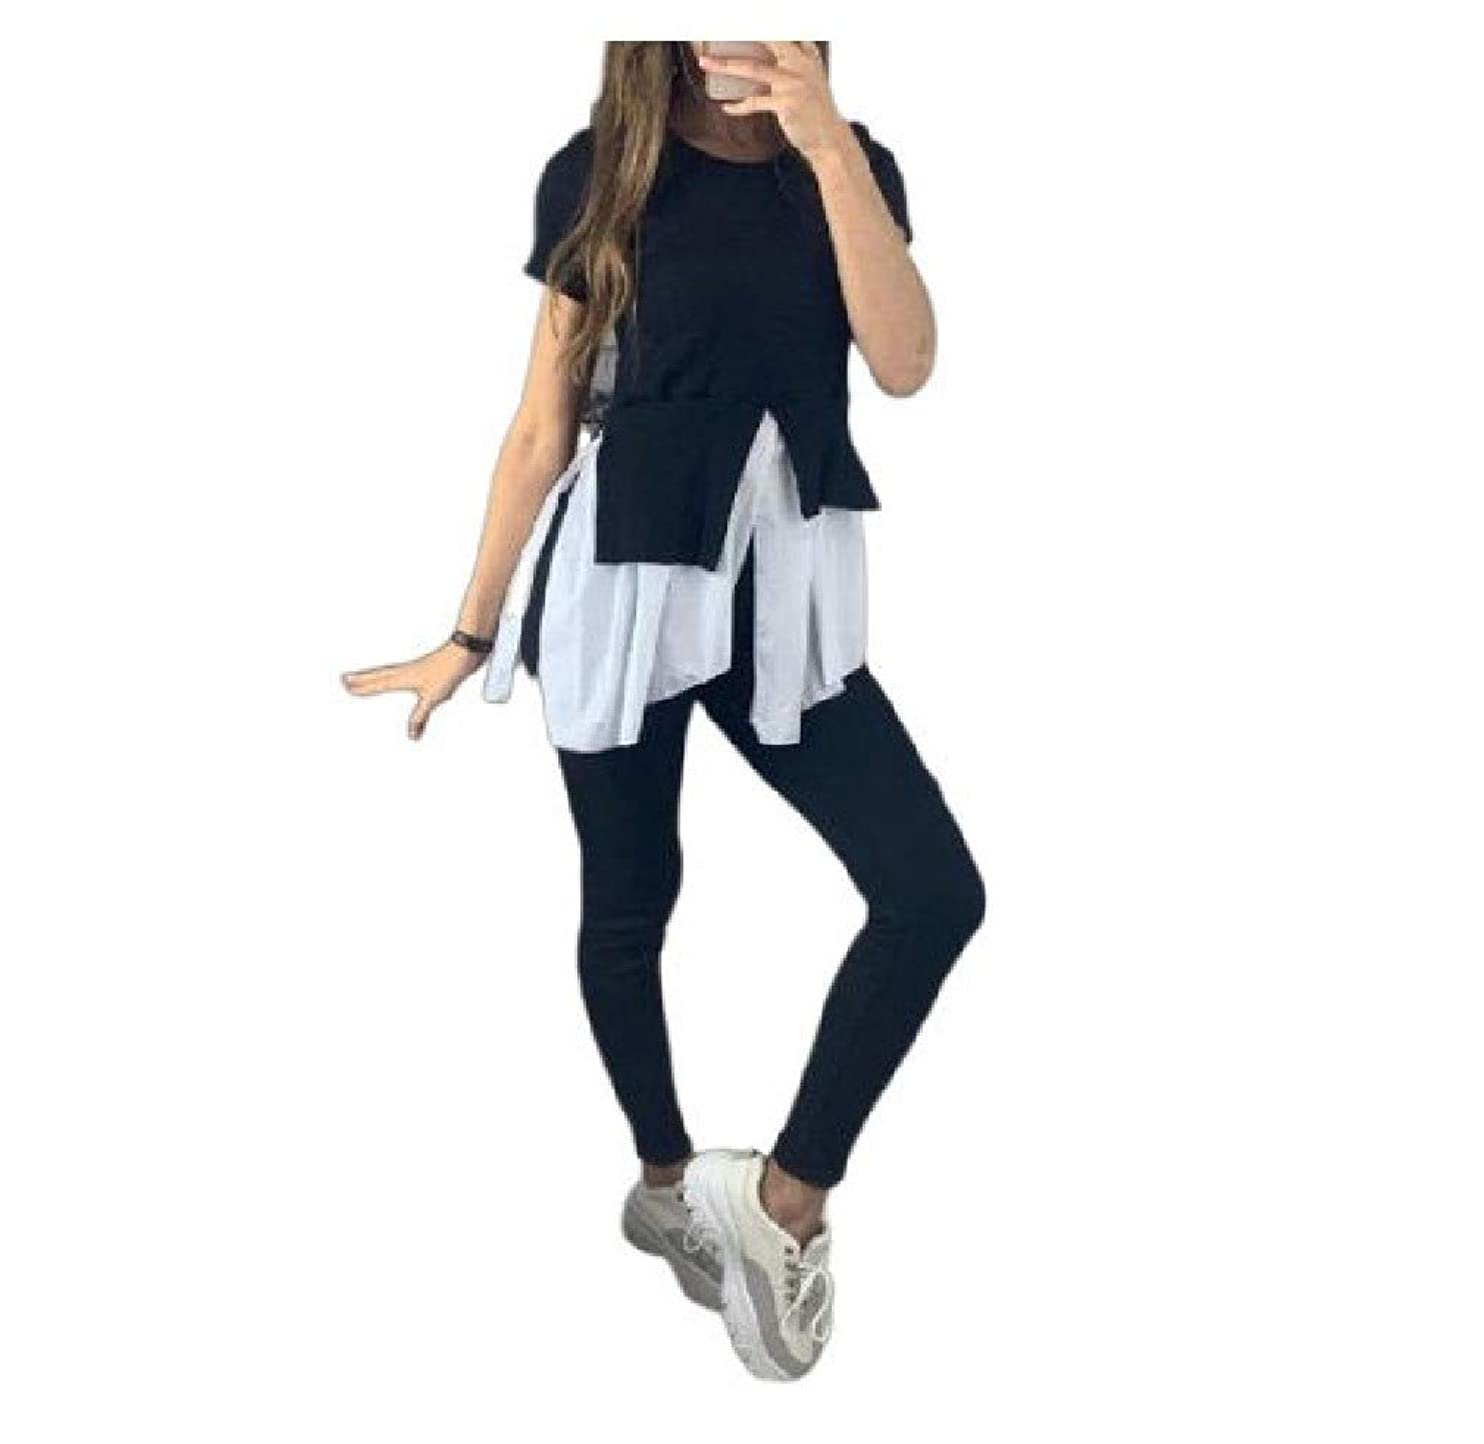 バックキャッシュ生産性Womens Short Sleeve Irregular Stitching Vogue 2-Piece Tracksuit Jog Set